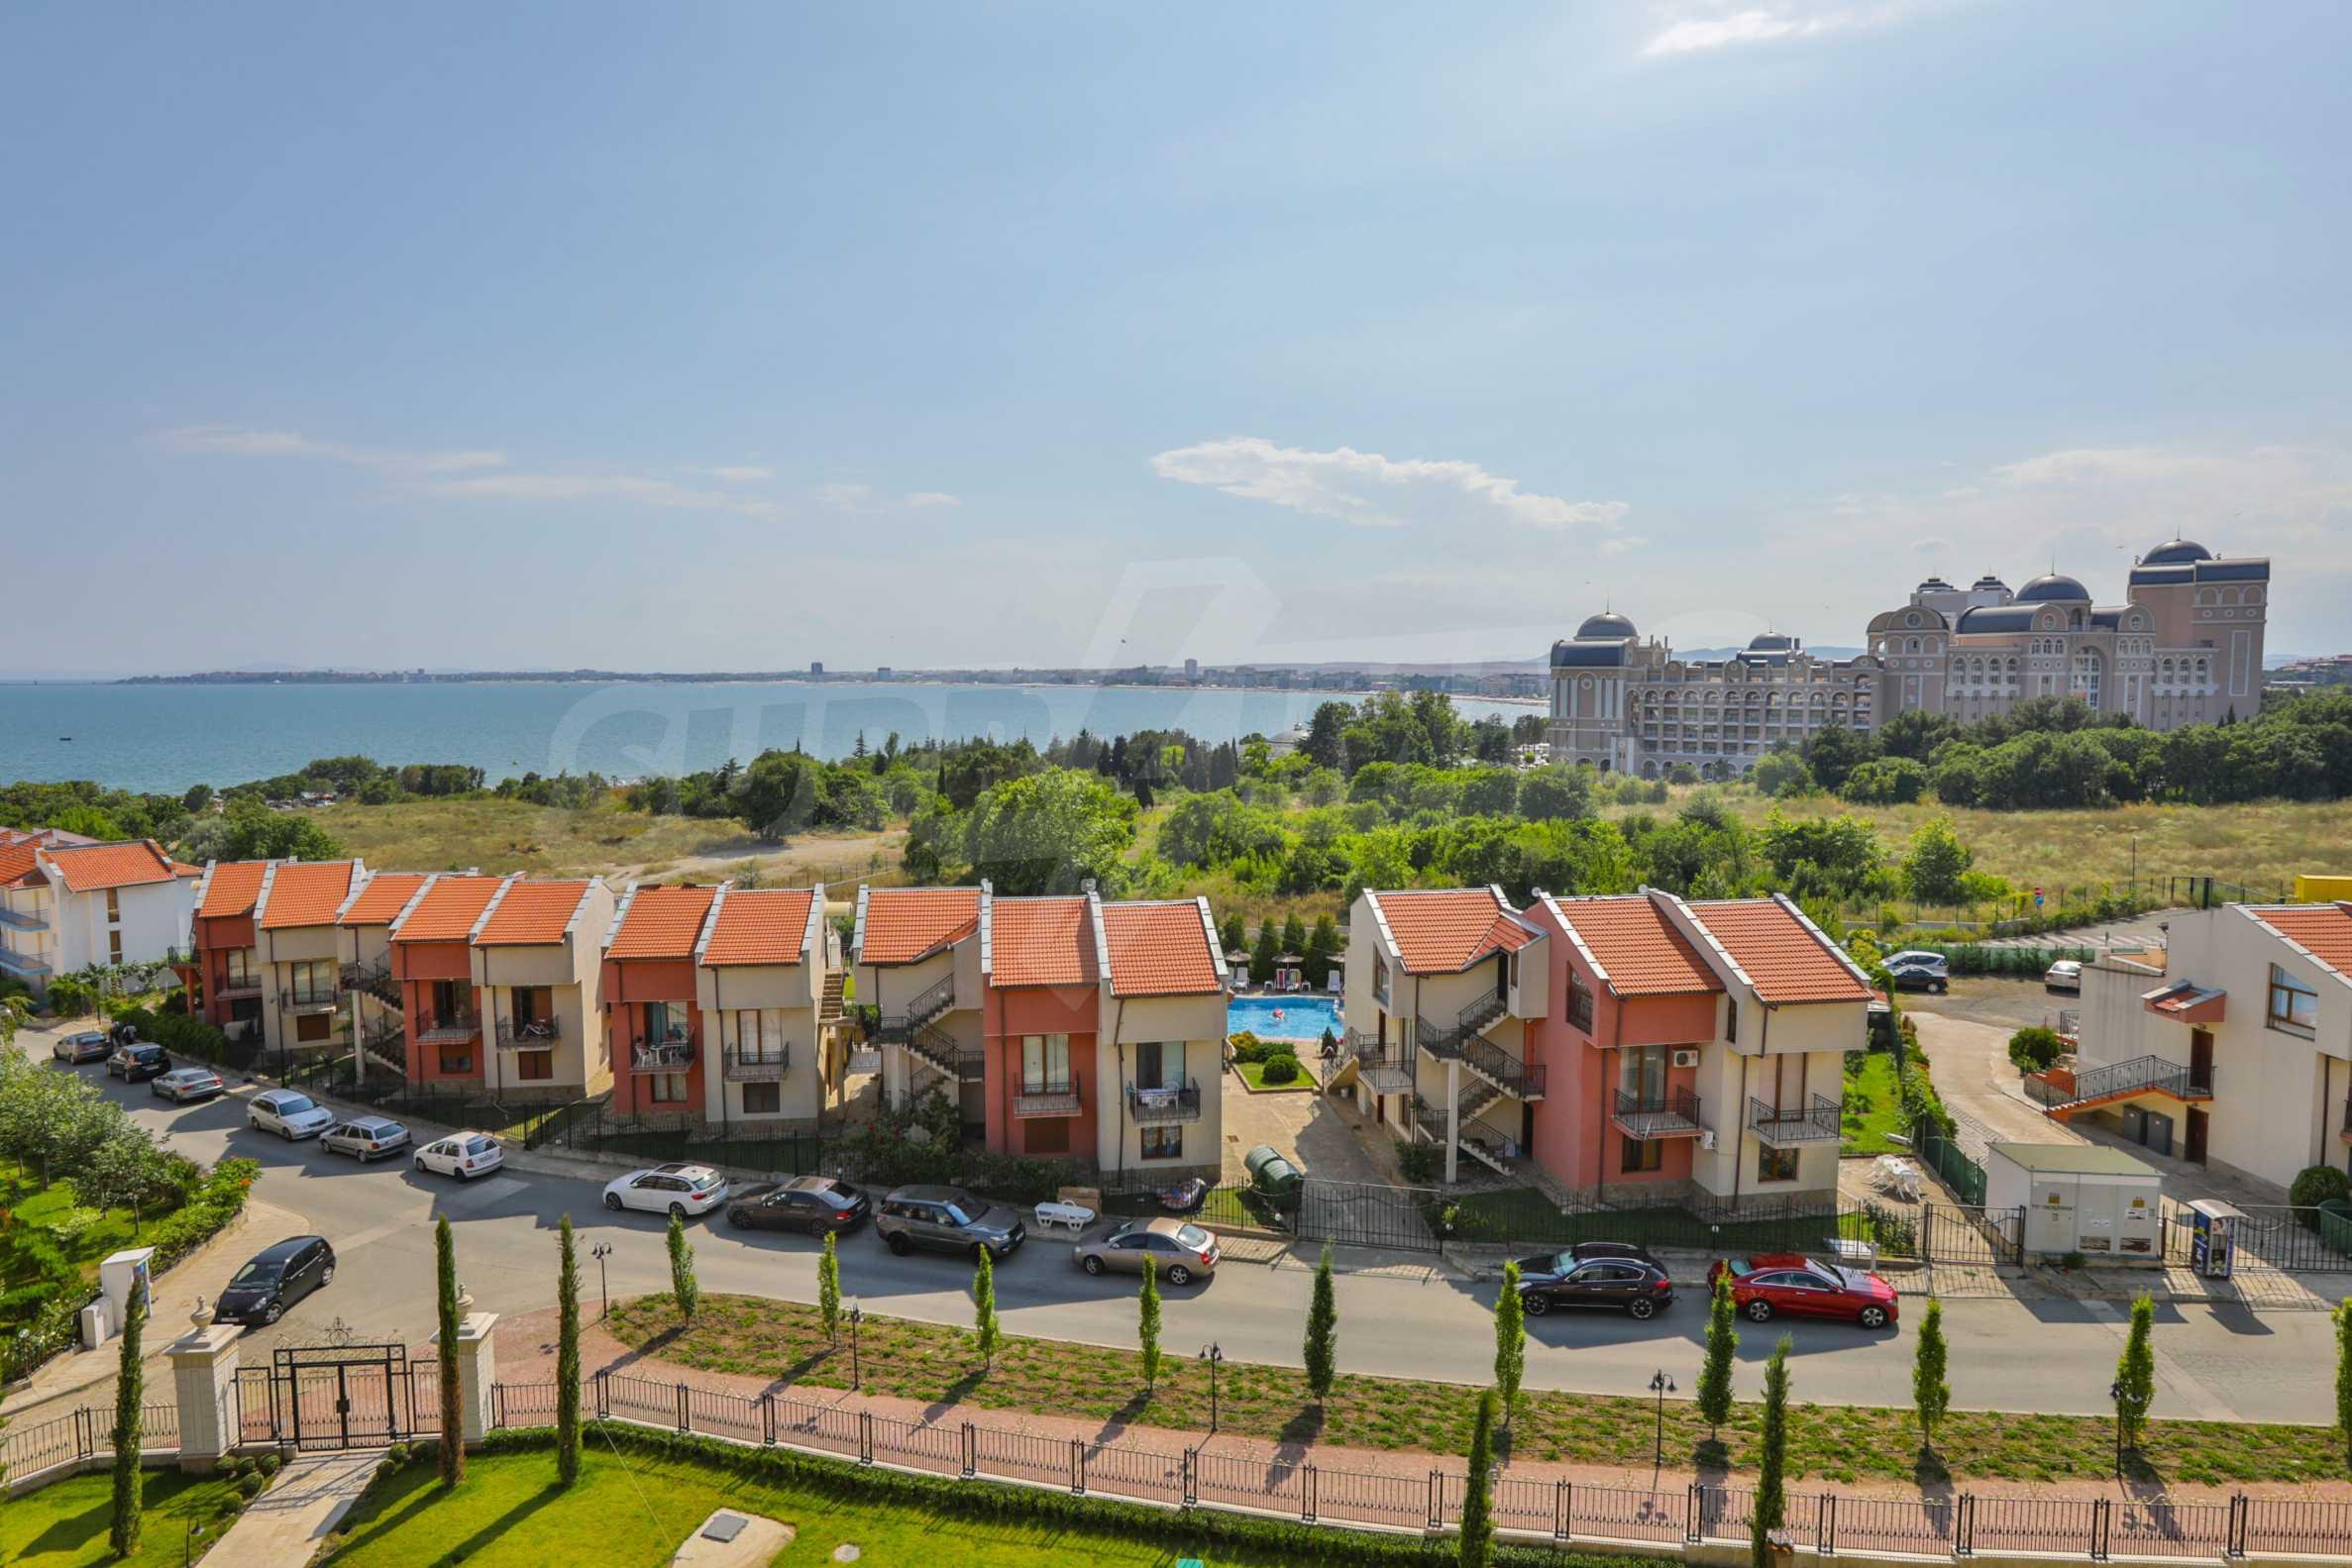 Erstklassige Apartments  zum TOP-Preis ab 890 €/m² im Komplex im Stil der französischen Renaissance (Akt 16) 6